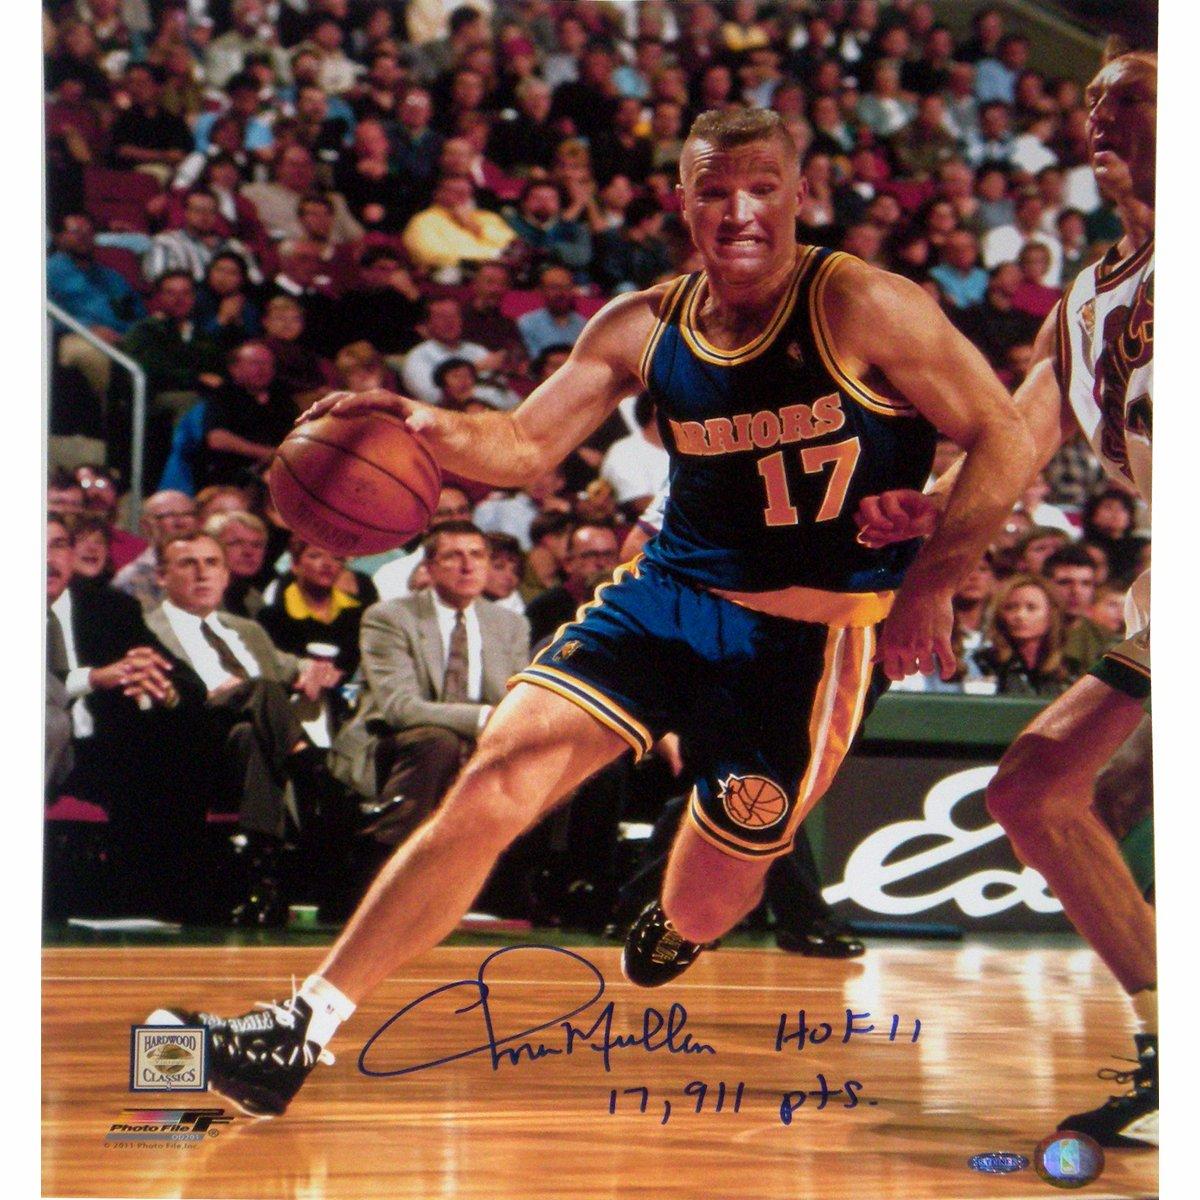 NBA Golden State WarriorsクリスマリンドライブバスケットにRight Handed with垂直写真Hof 11 17911ポイントInscription、16 x 20インチ   B00EWPPYCI